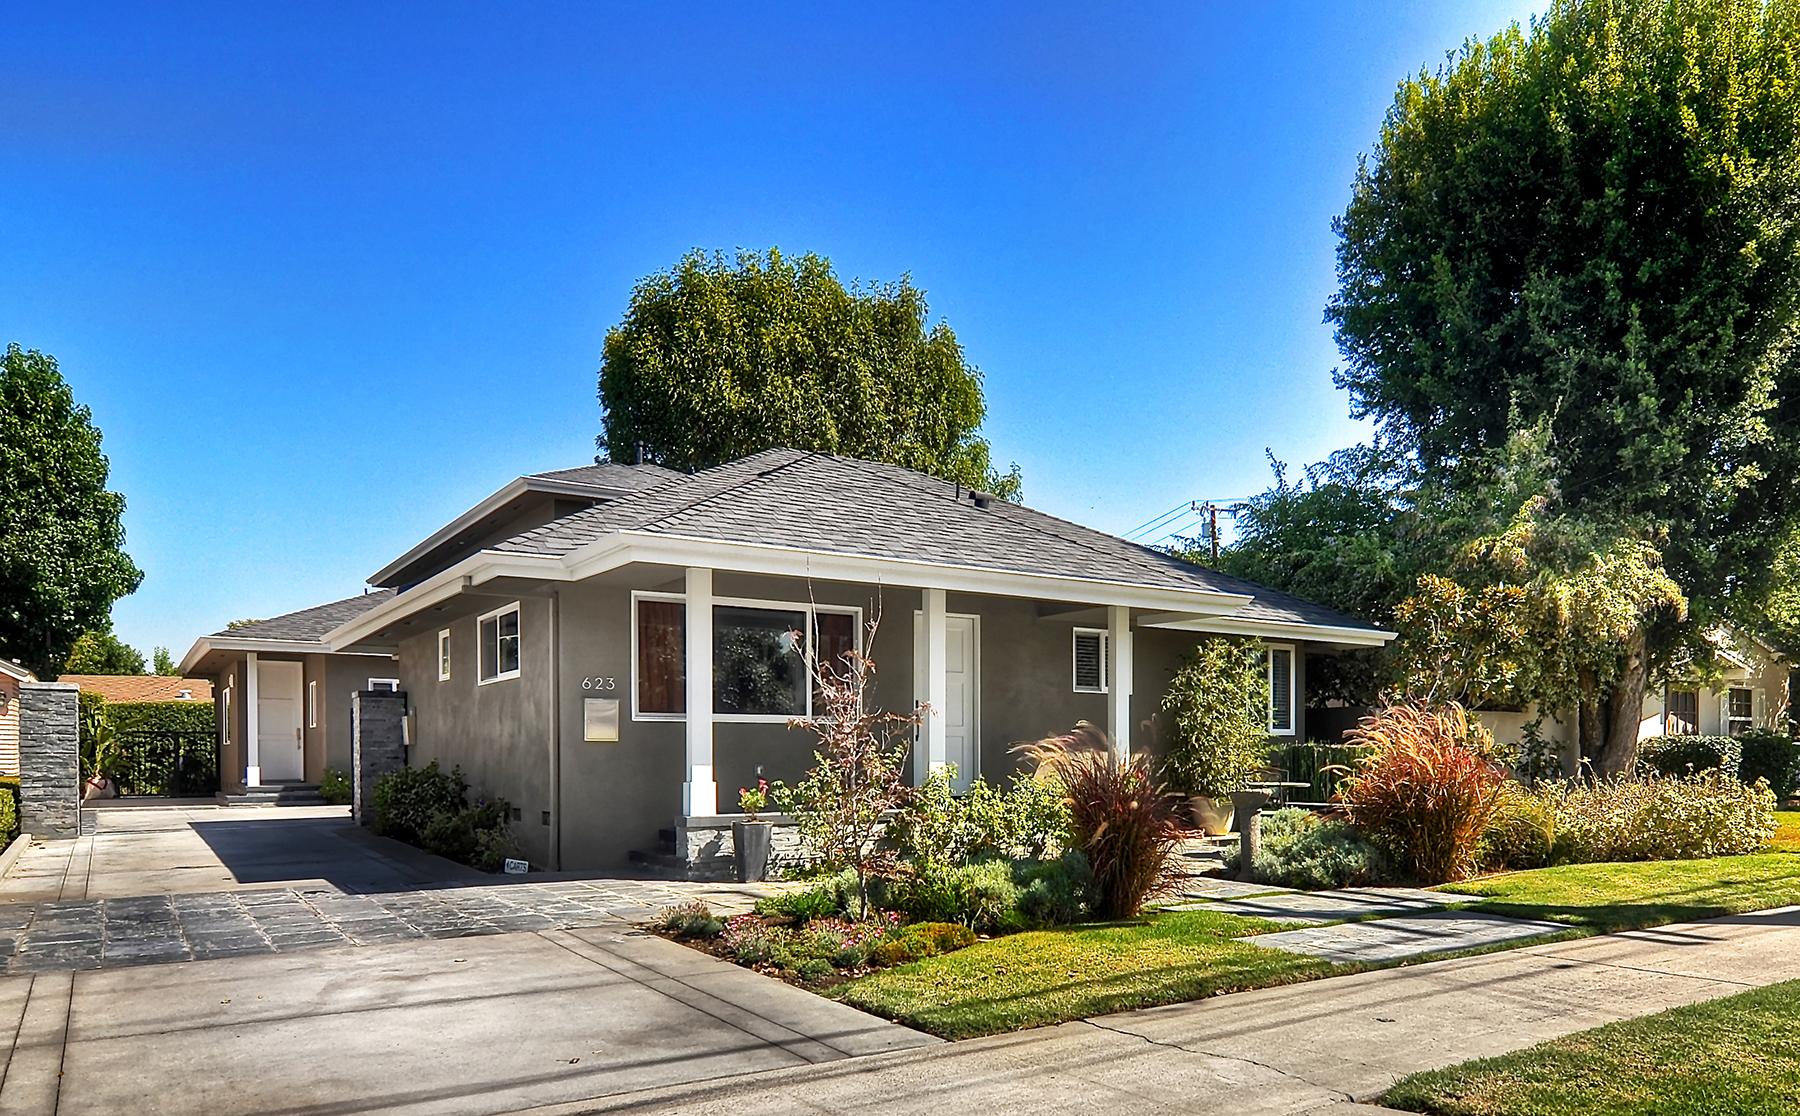 Duplex for Sale at 623 E. Almond Ave. Orange, California 92866 United States